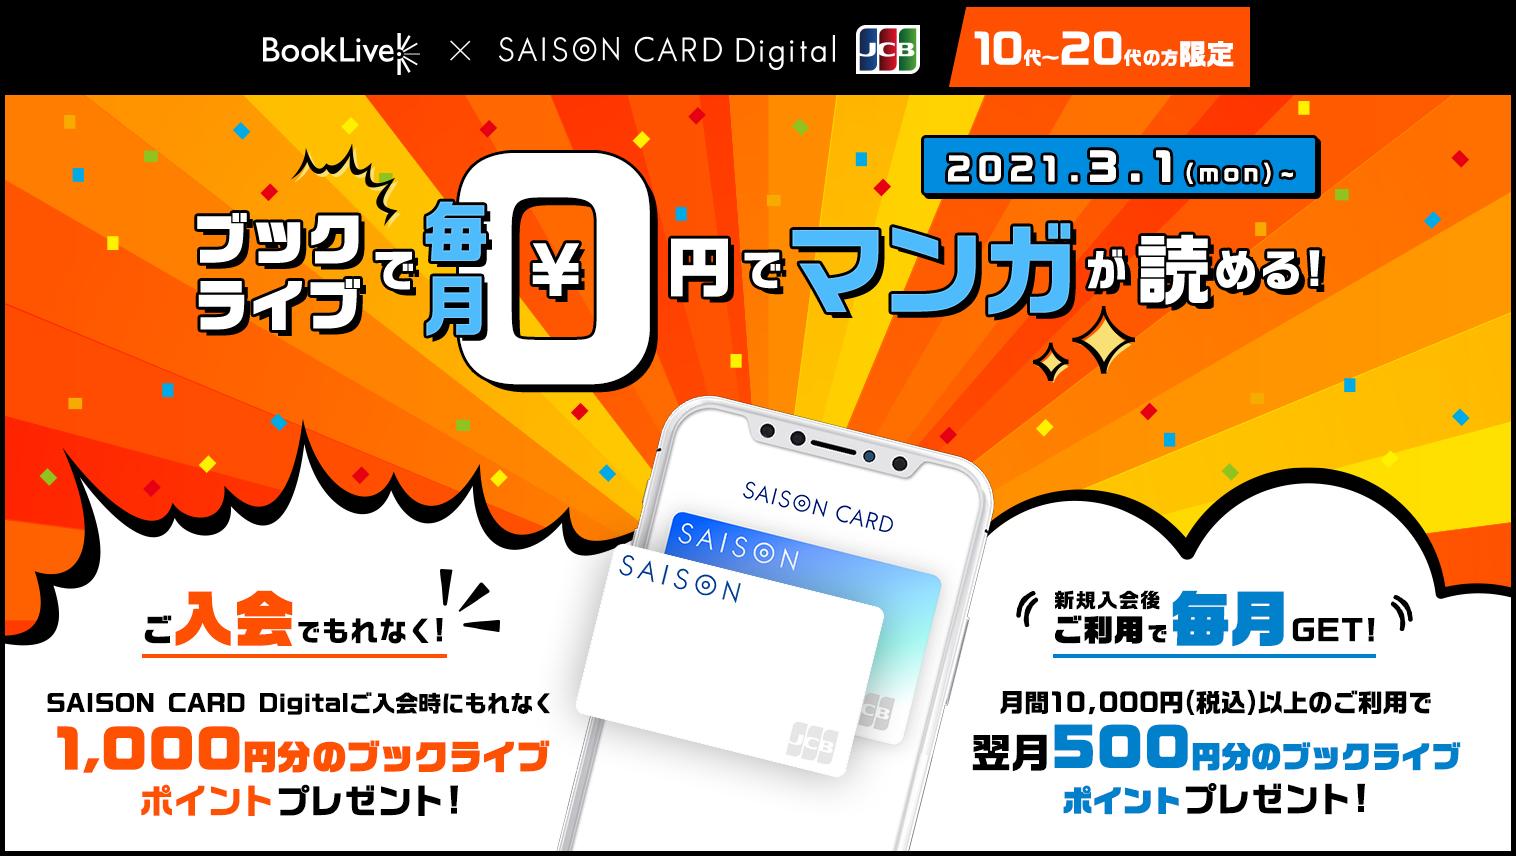 SAISON CARD Digitalにご入会およびご利用で最大1年間ブックライブポイントが毎日もらえる!